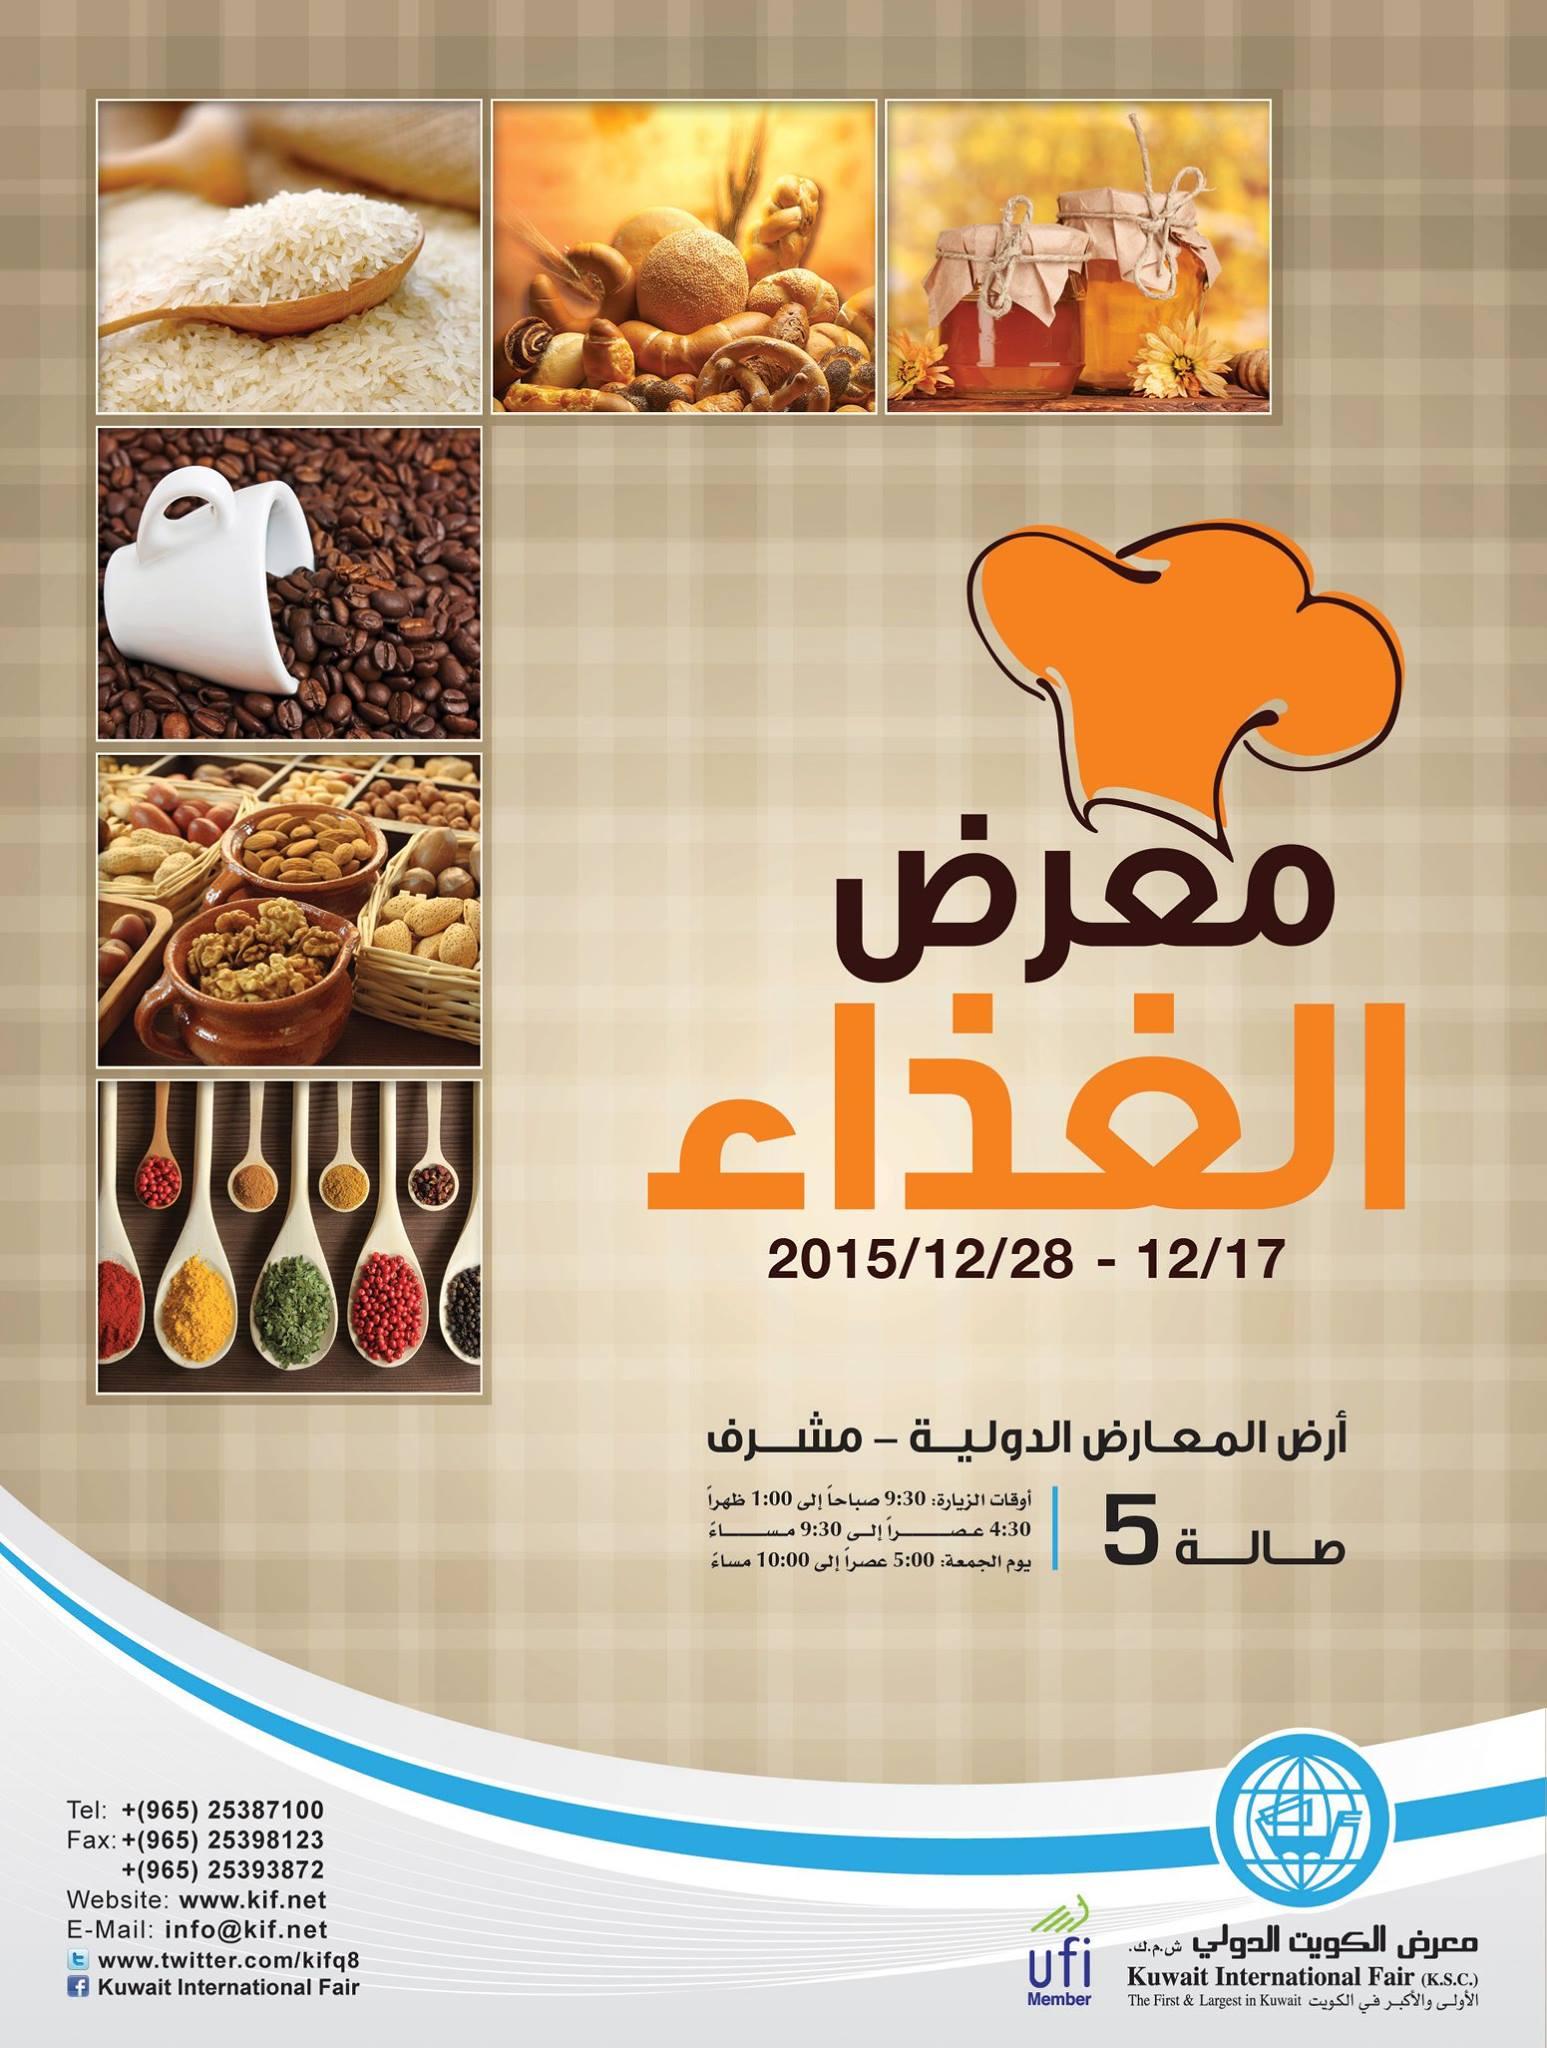 معرض الغذاء و الأواني- مشرف-الكويت-2015